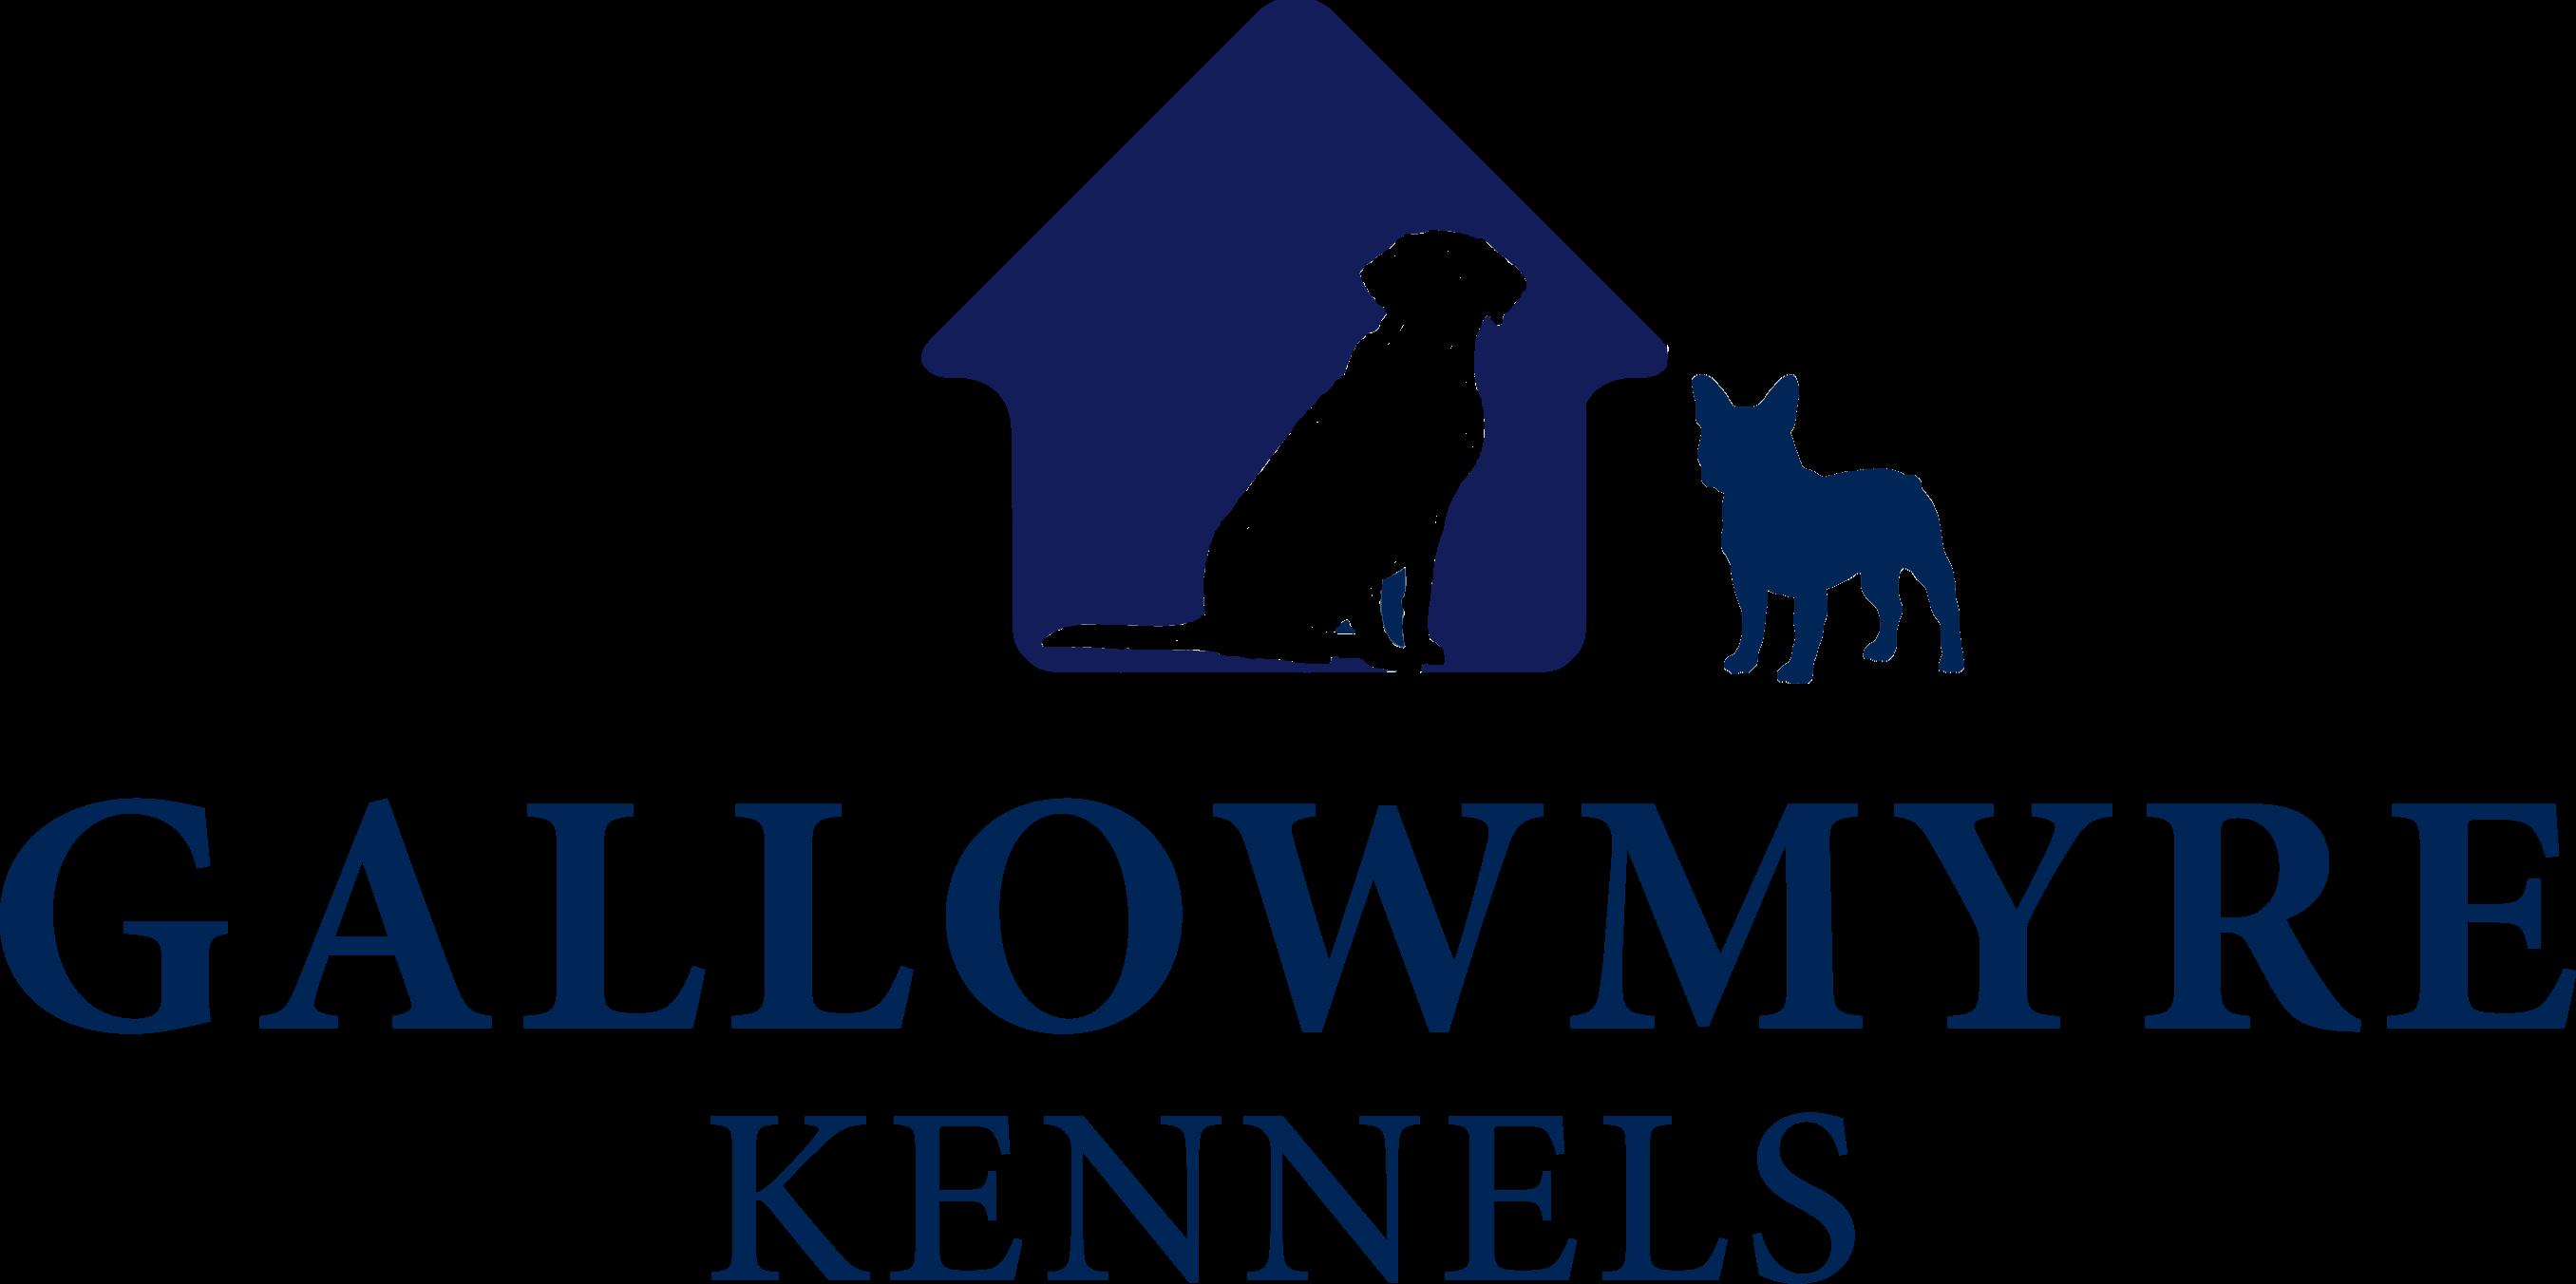 Gallowmyre Kennels